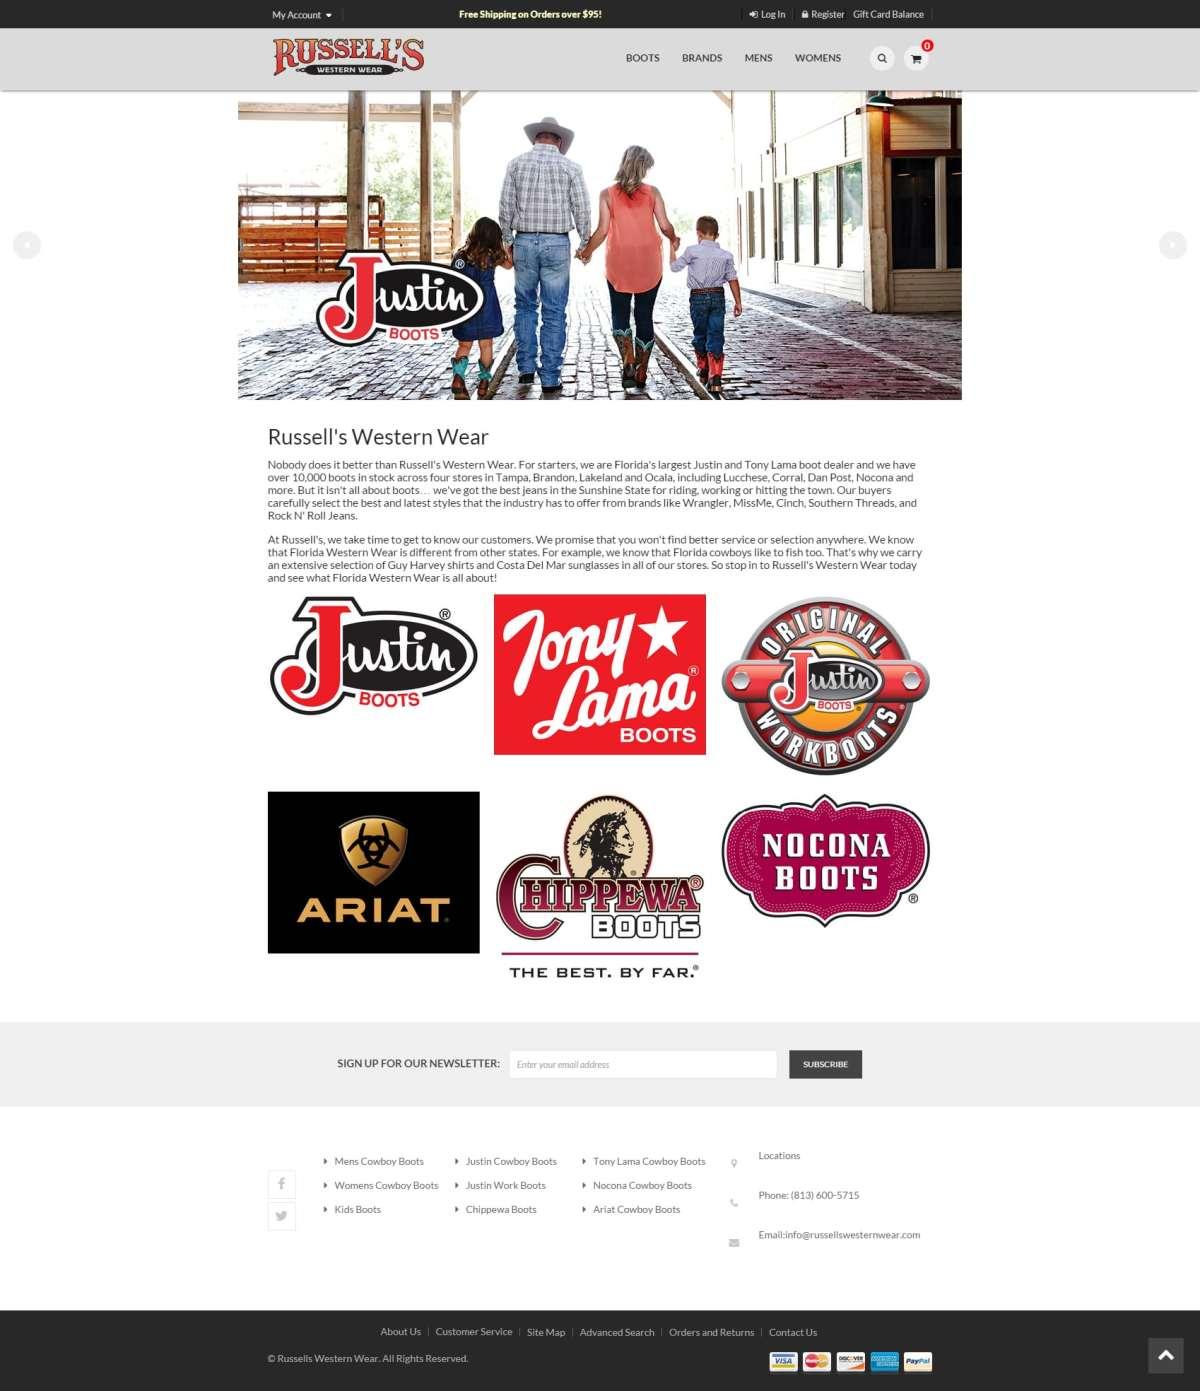 russells-western-wear-ecomm-website